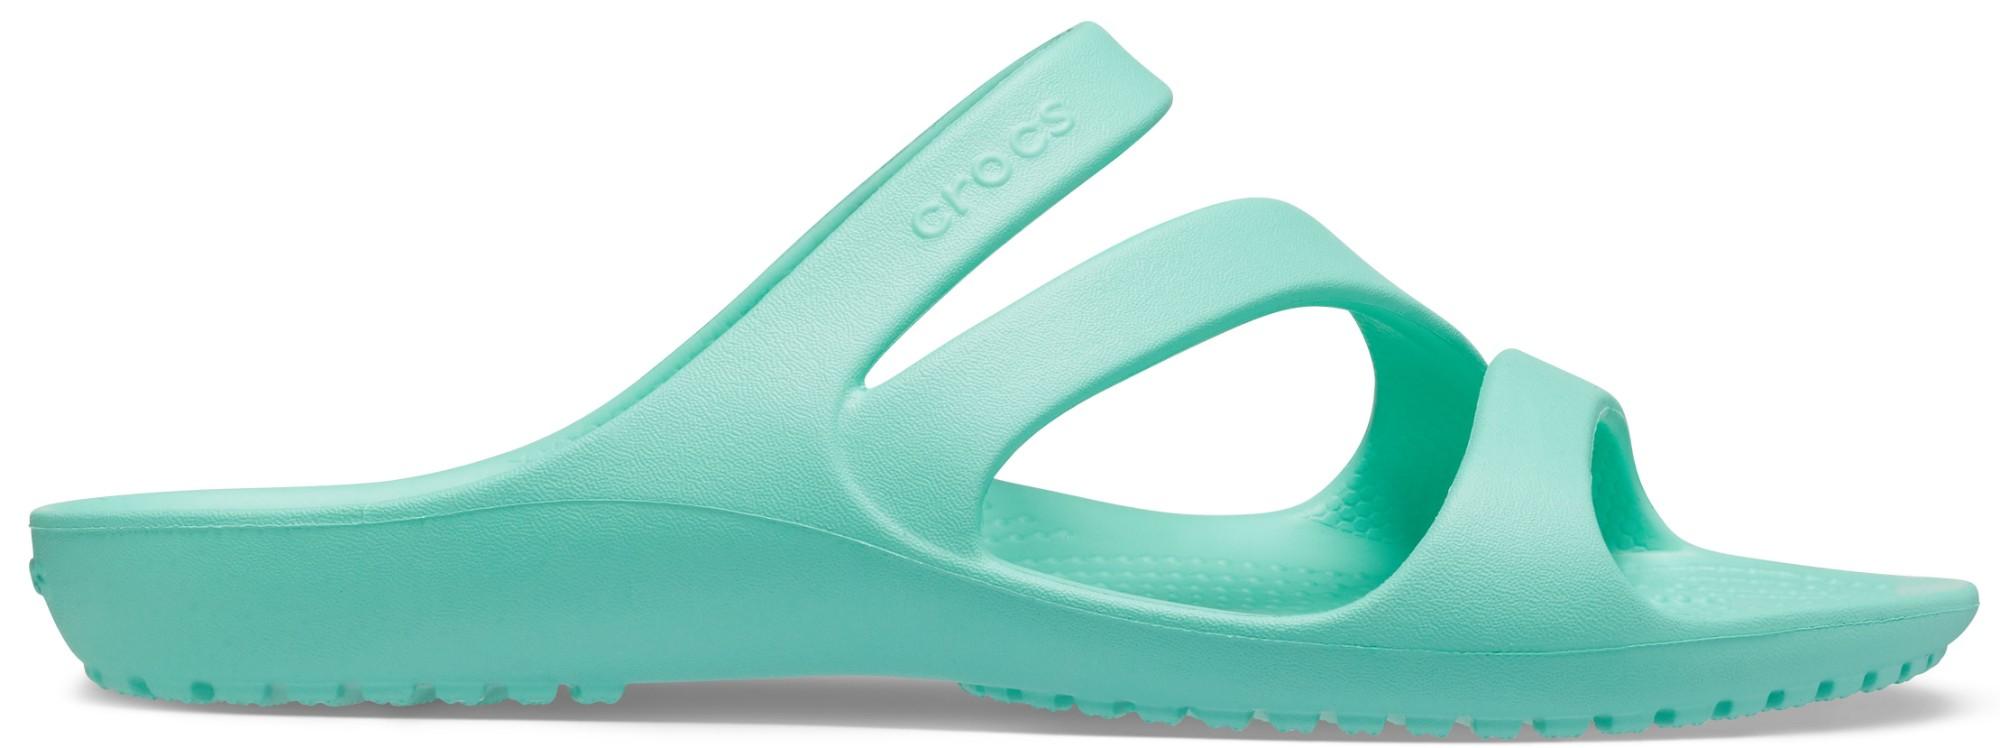 Crocs™ Kadee II Sandal Pistachio 41